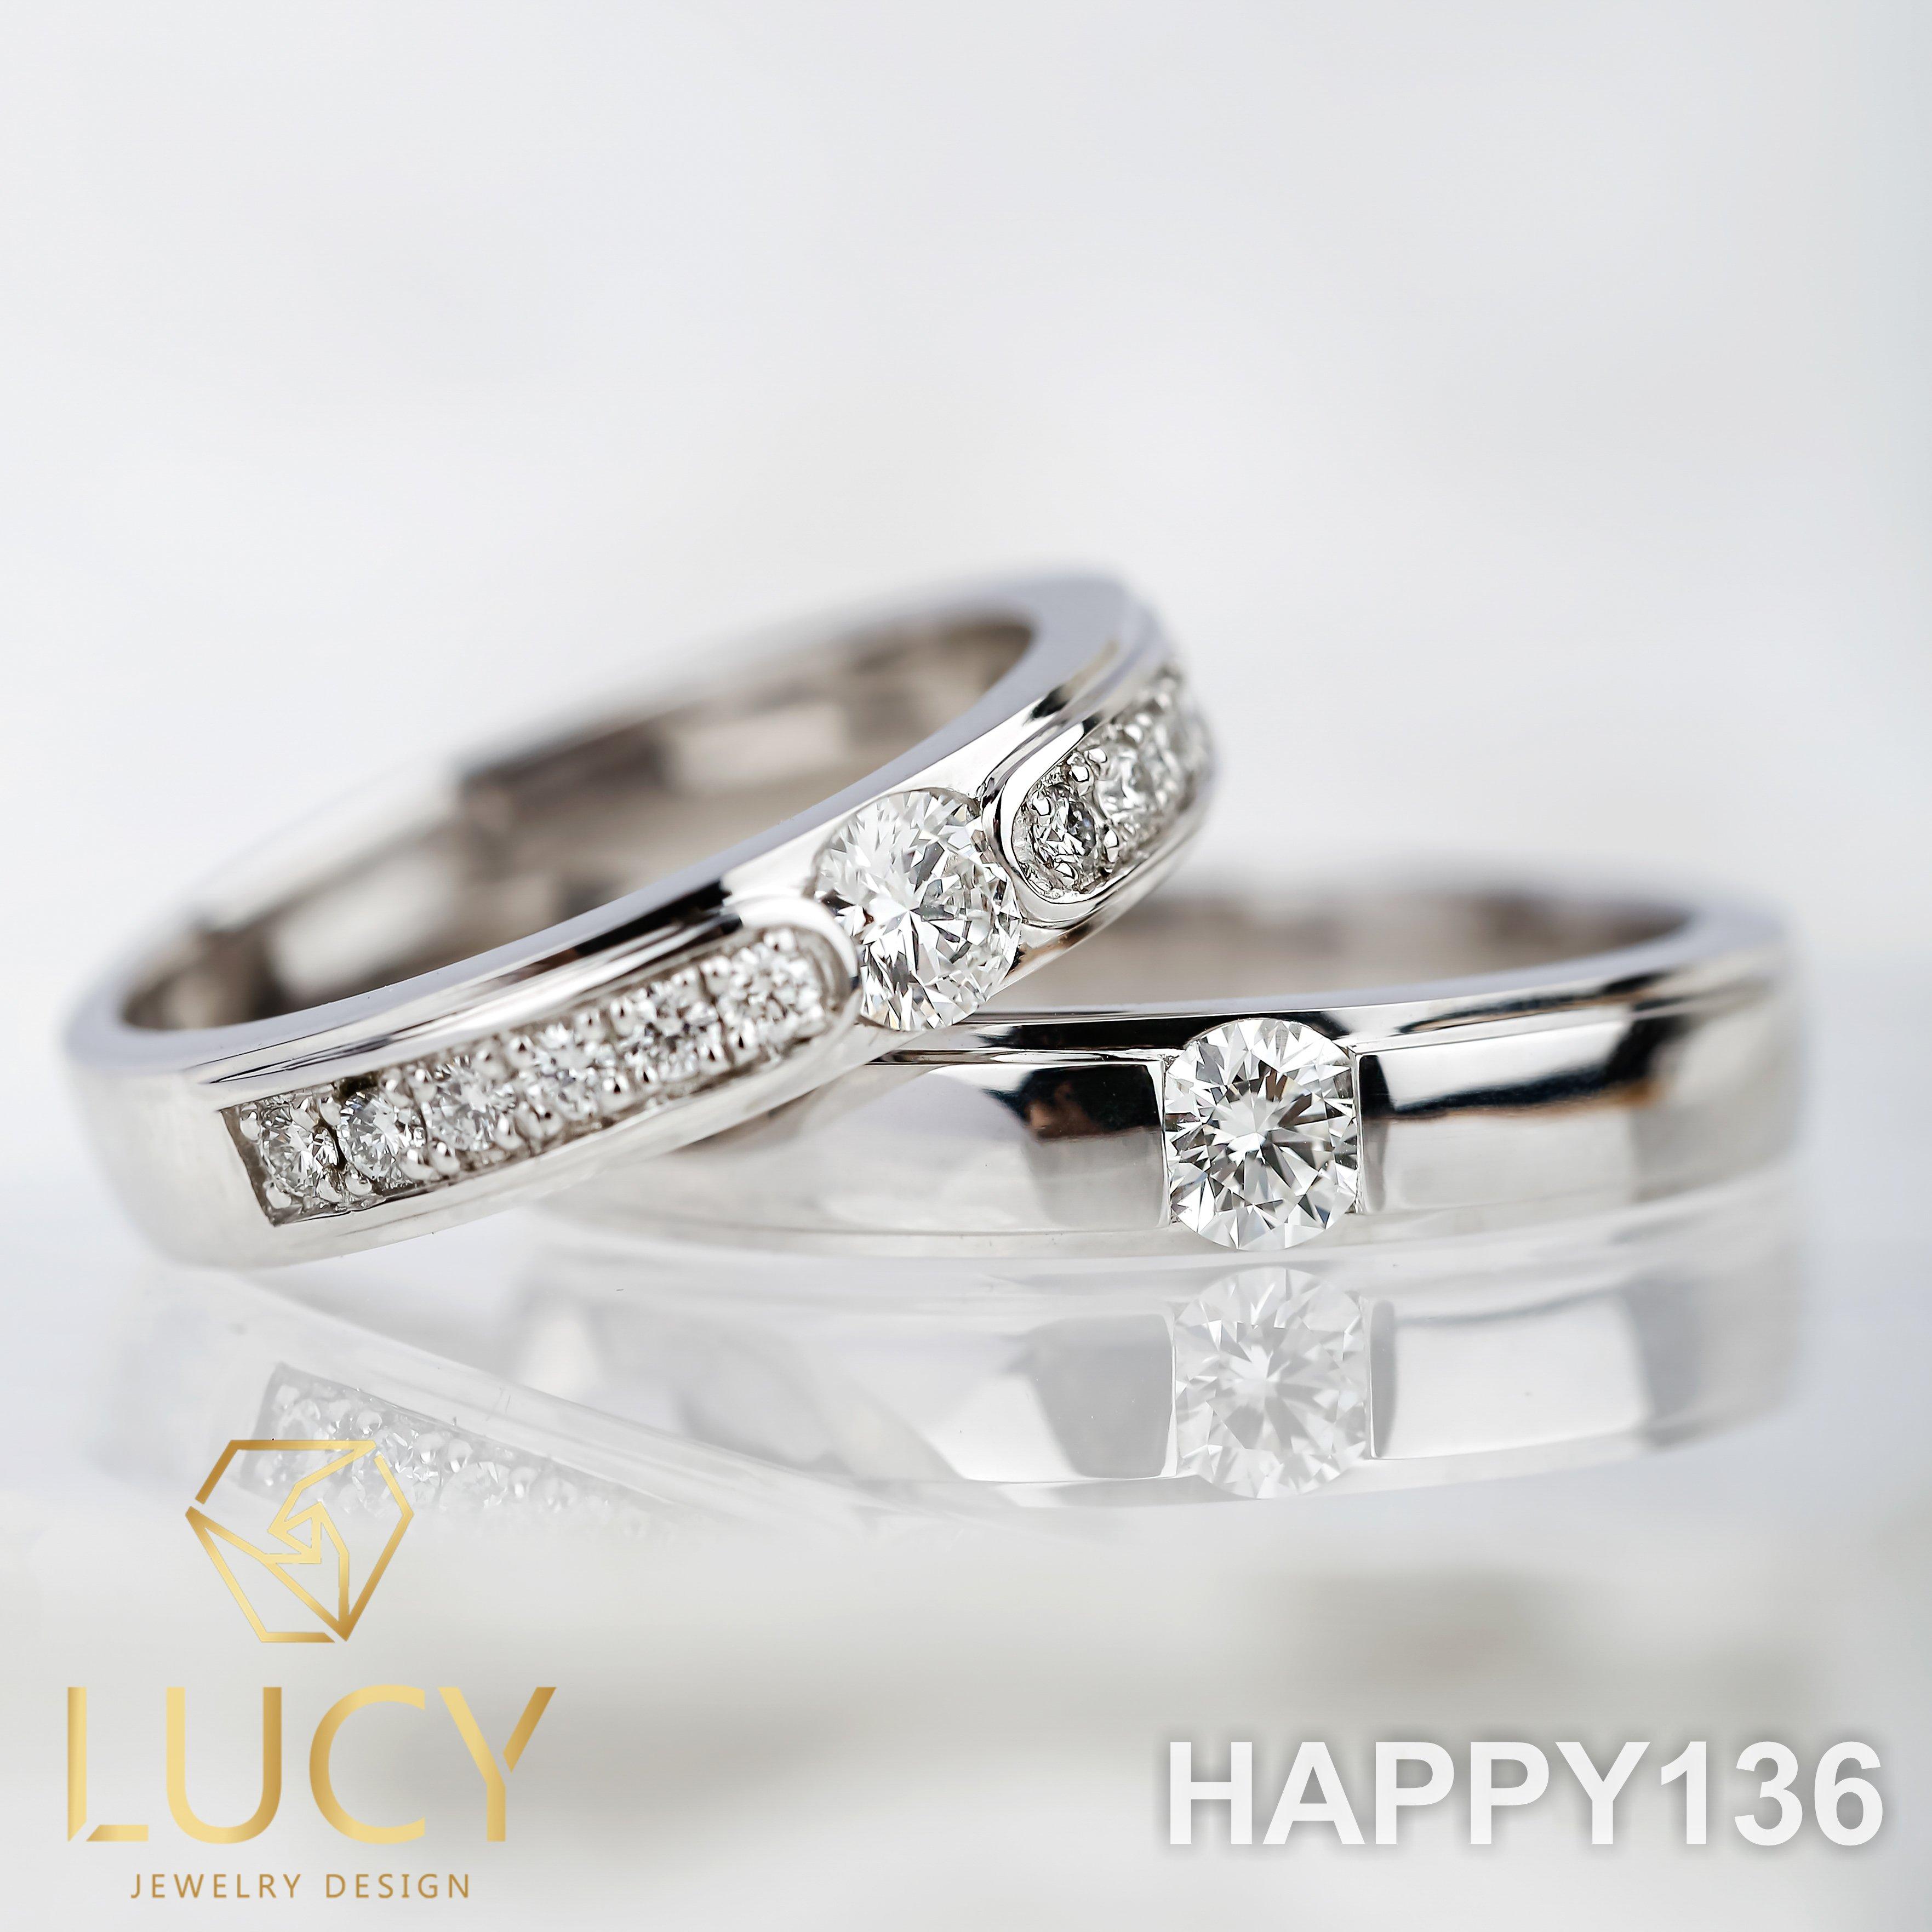 HAPPY136 Nhẫn cưới thiết kế, nhẫn cưới cao cấp, nhẫn cưới kim cương 3.5mm 3.6mm - Lucy Jewelry